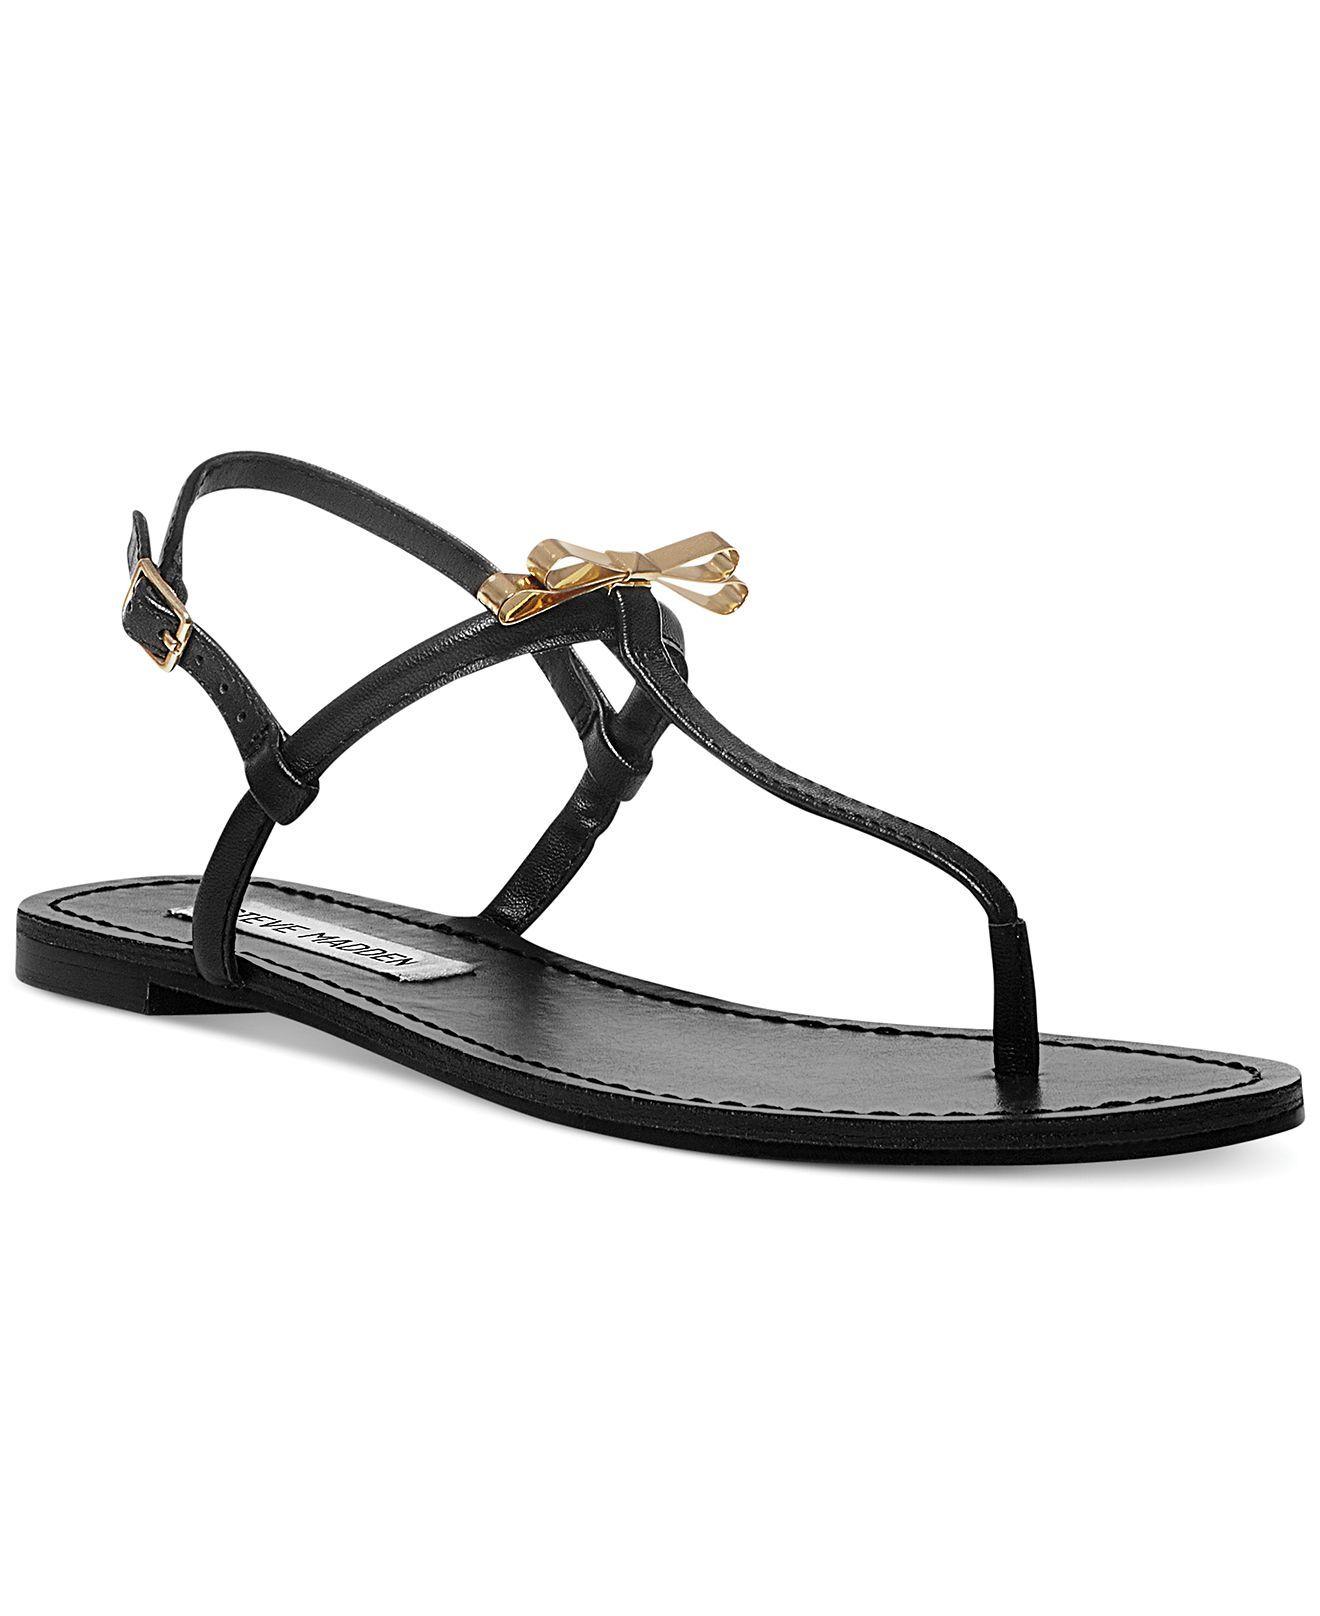 ae776b8e7922a Steve Madden Women s Daisey Flat Thong Sandals - Sandals - Shoes - Macy s